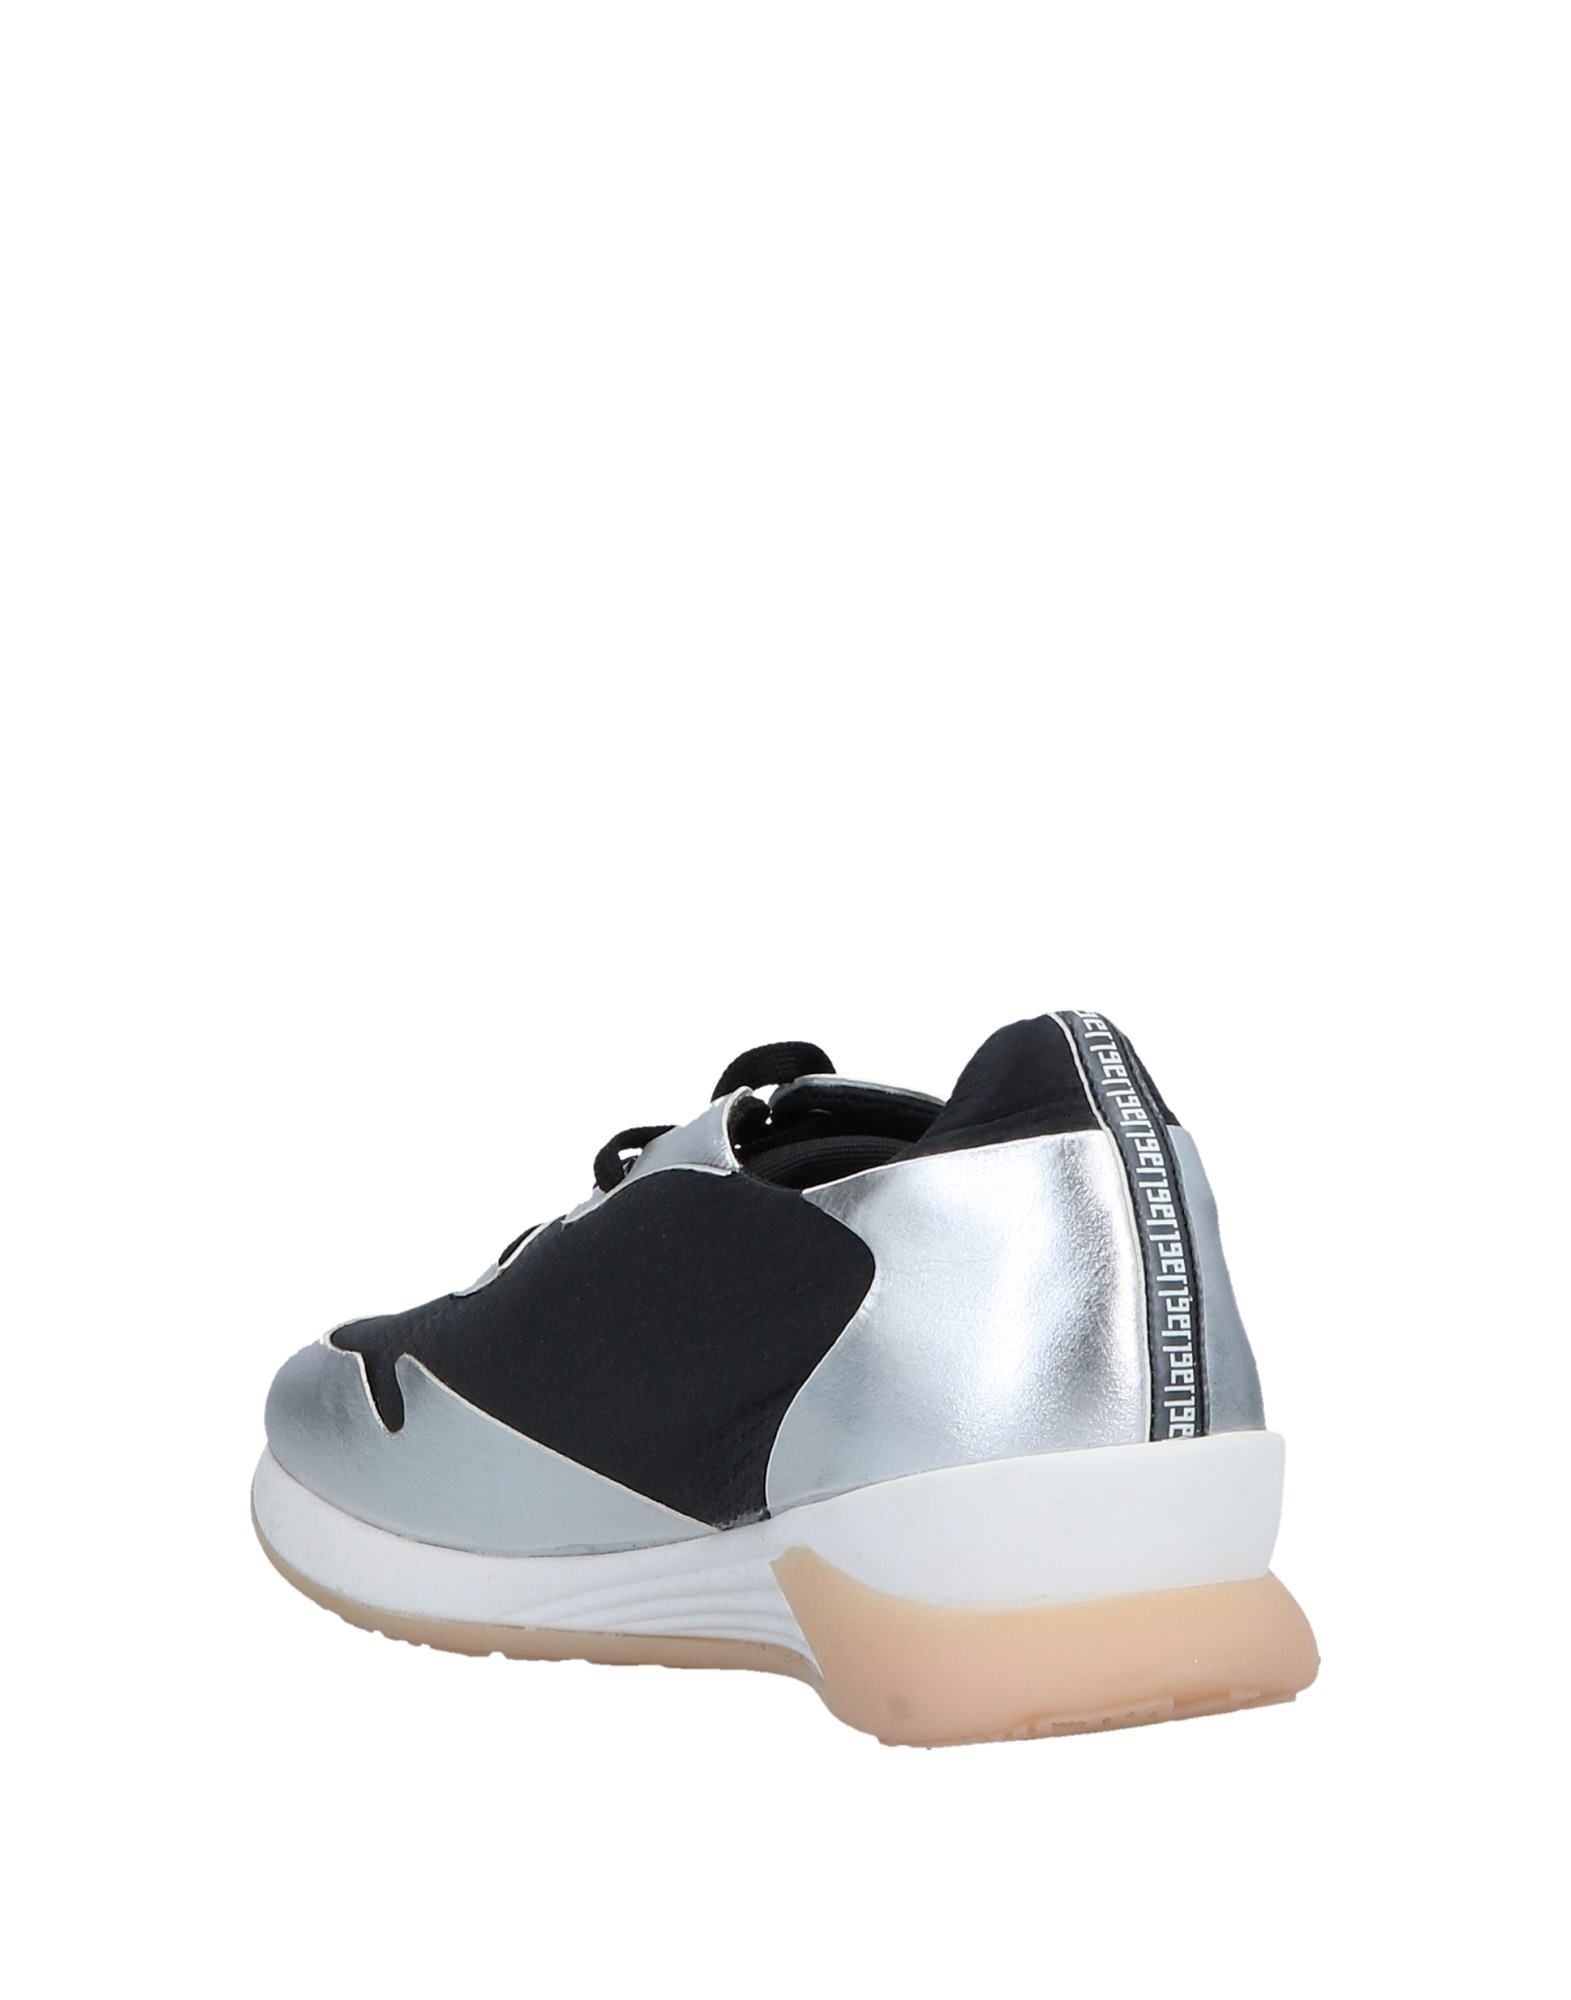 Leonardo Iachini Gute Sneakers Damen  11522828QK Gute Iachini Qualität beliebte Schuhe b209c9